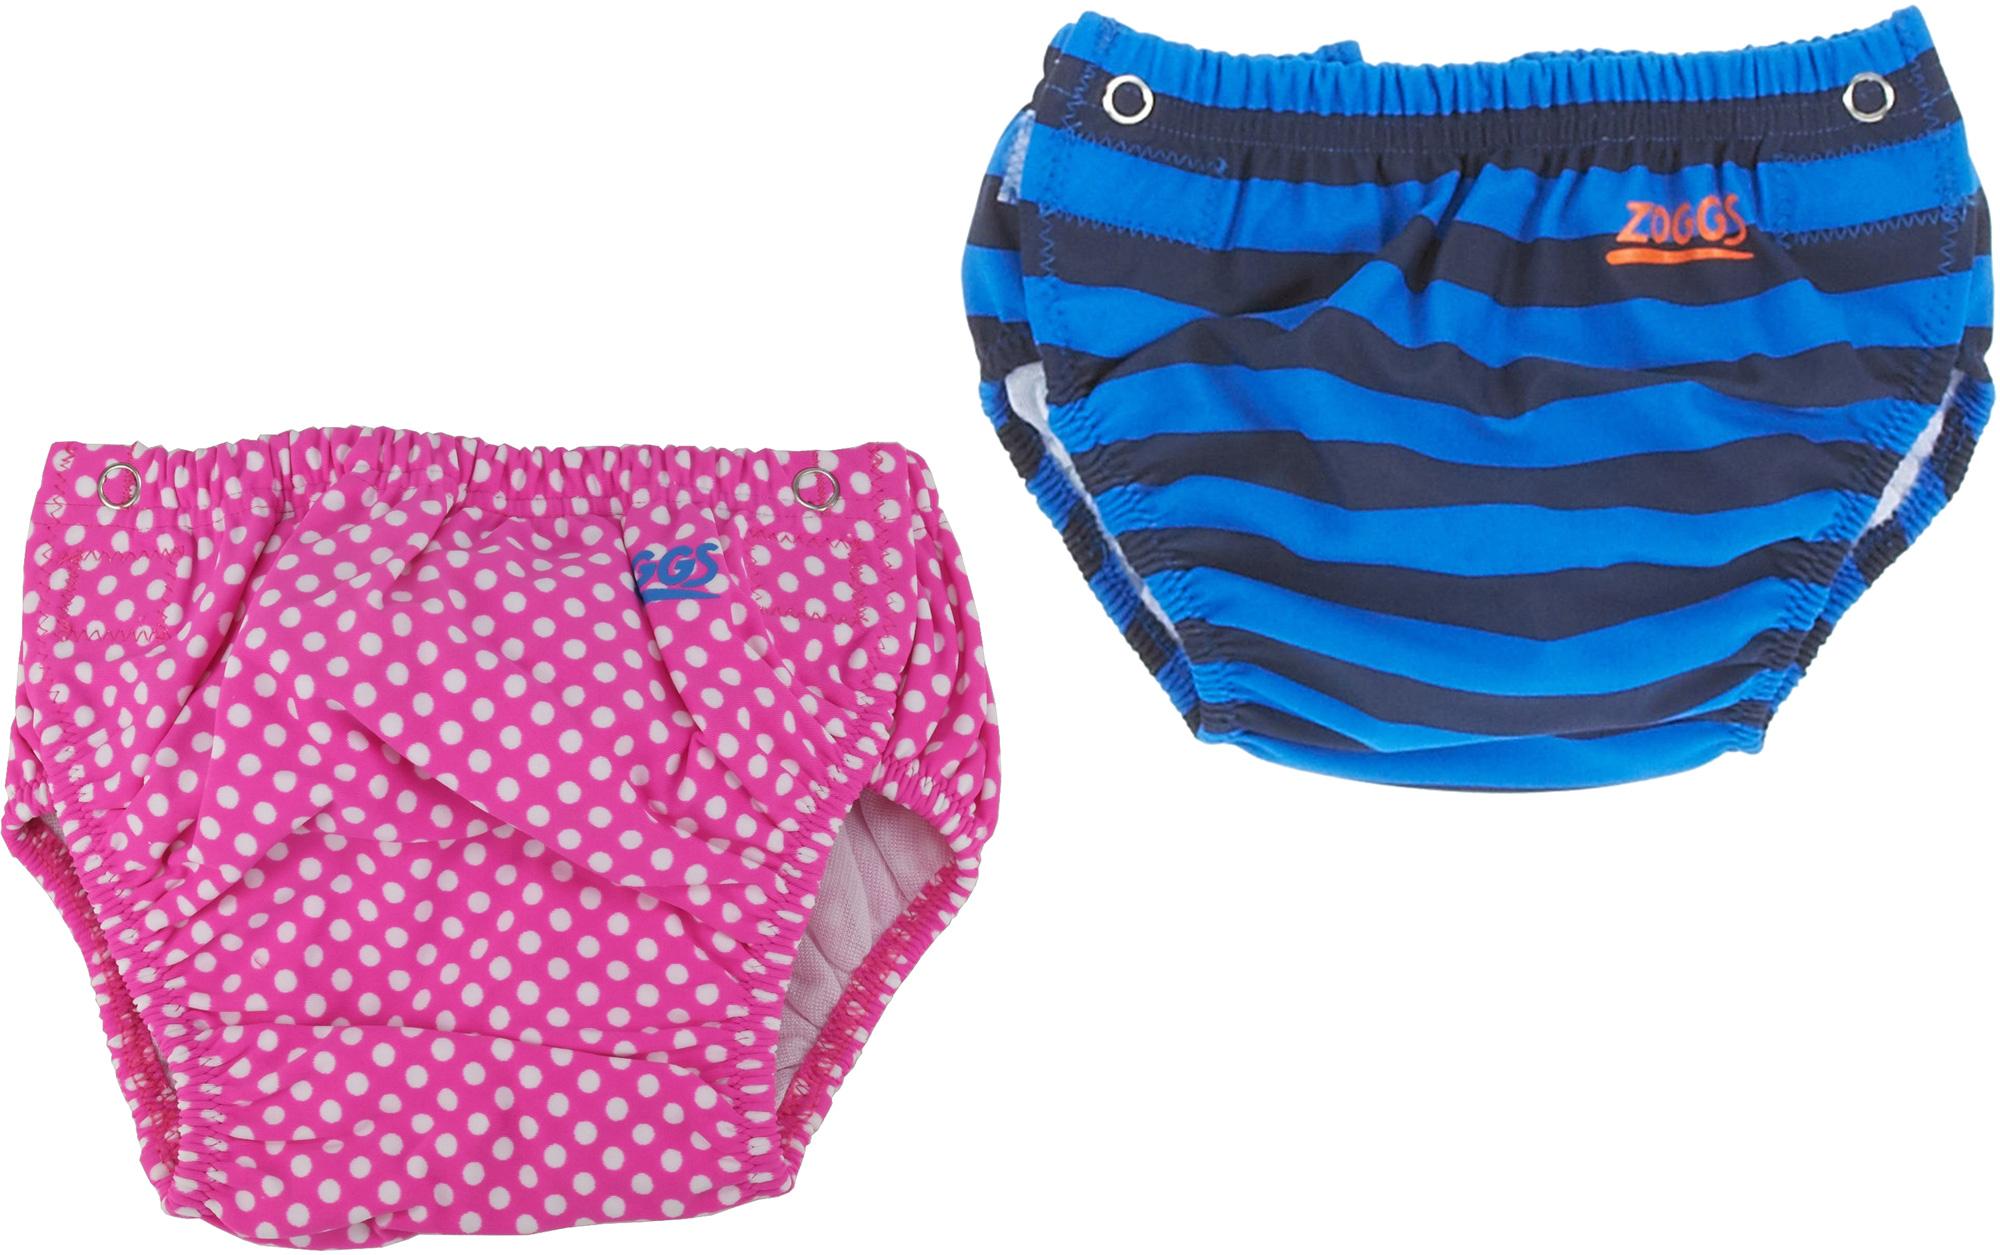 Zoggs pa ales para el agua ni o 3 24 meses ayuda nadar piscina playa nuevo ebay - Panales para piscina ...